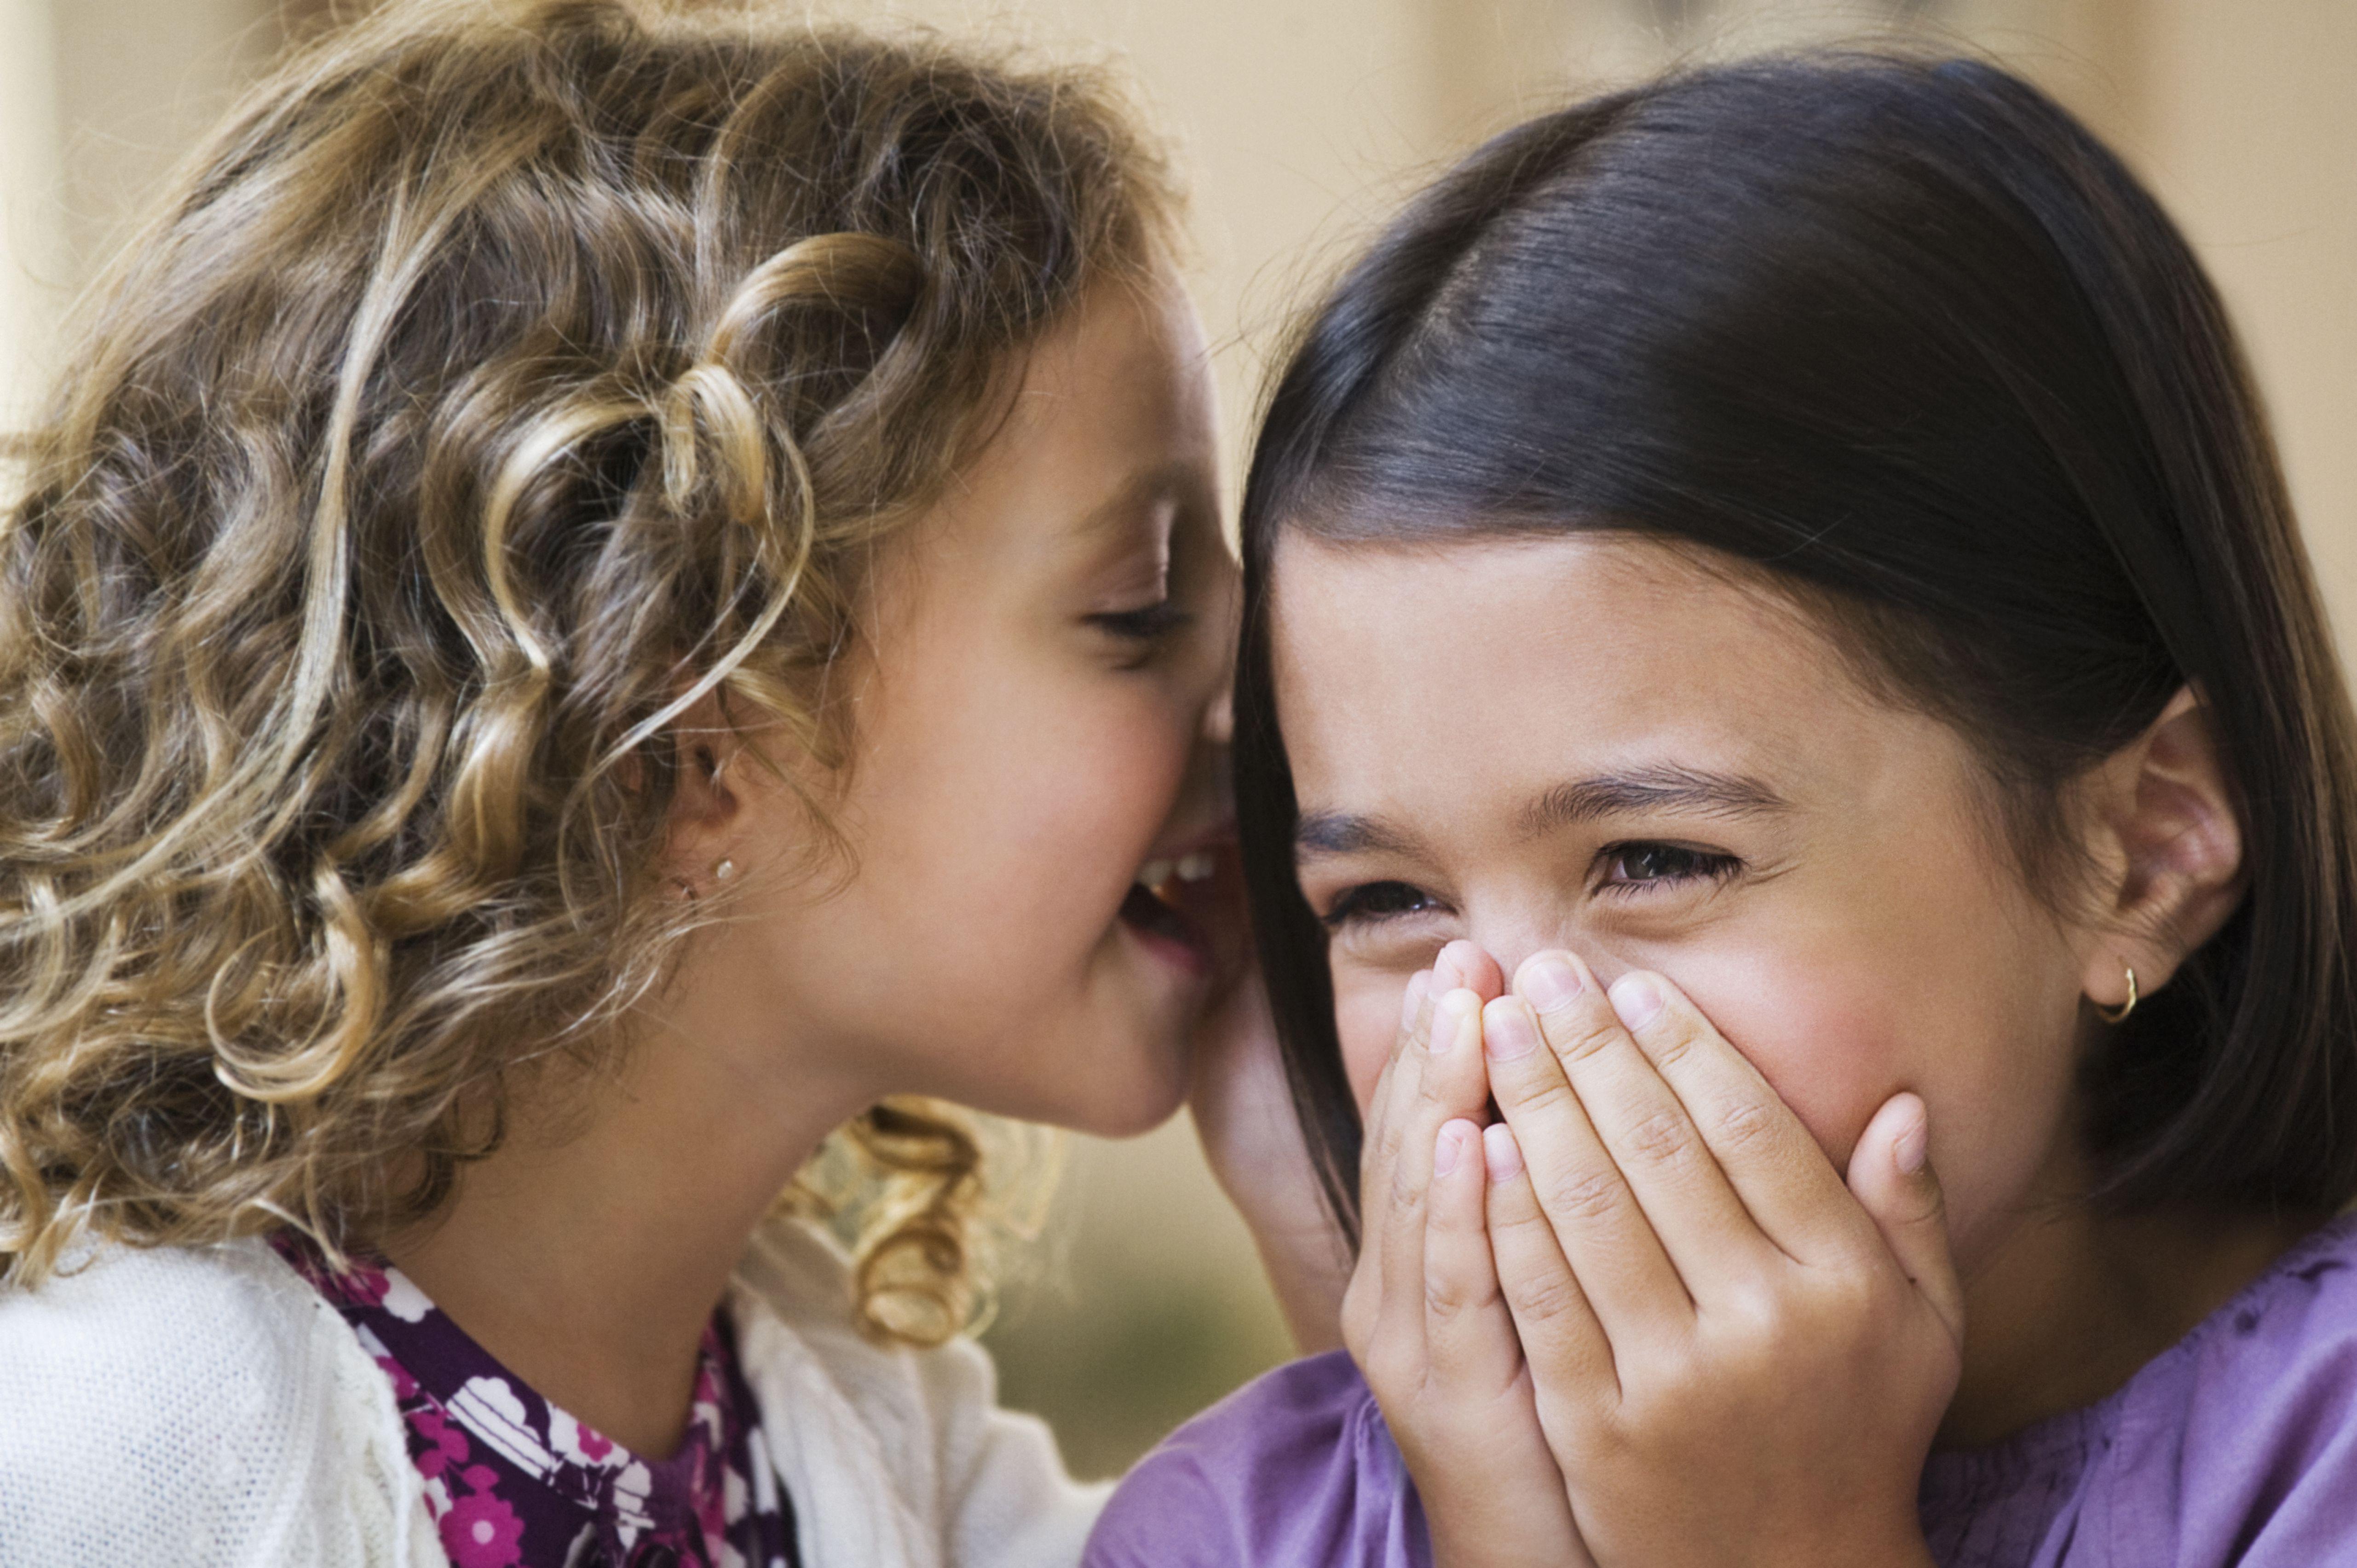 Two kids telling secrets